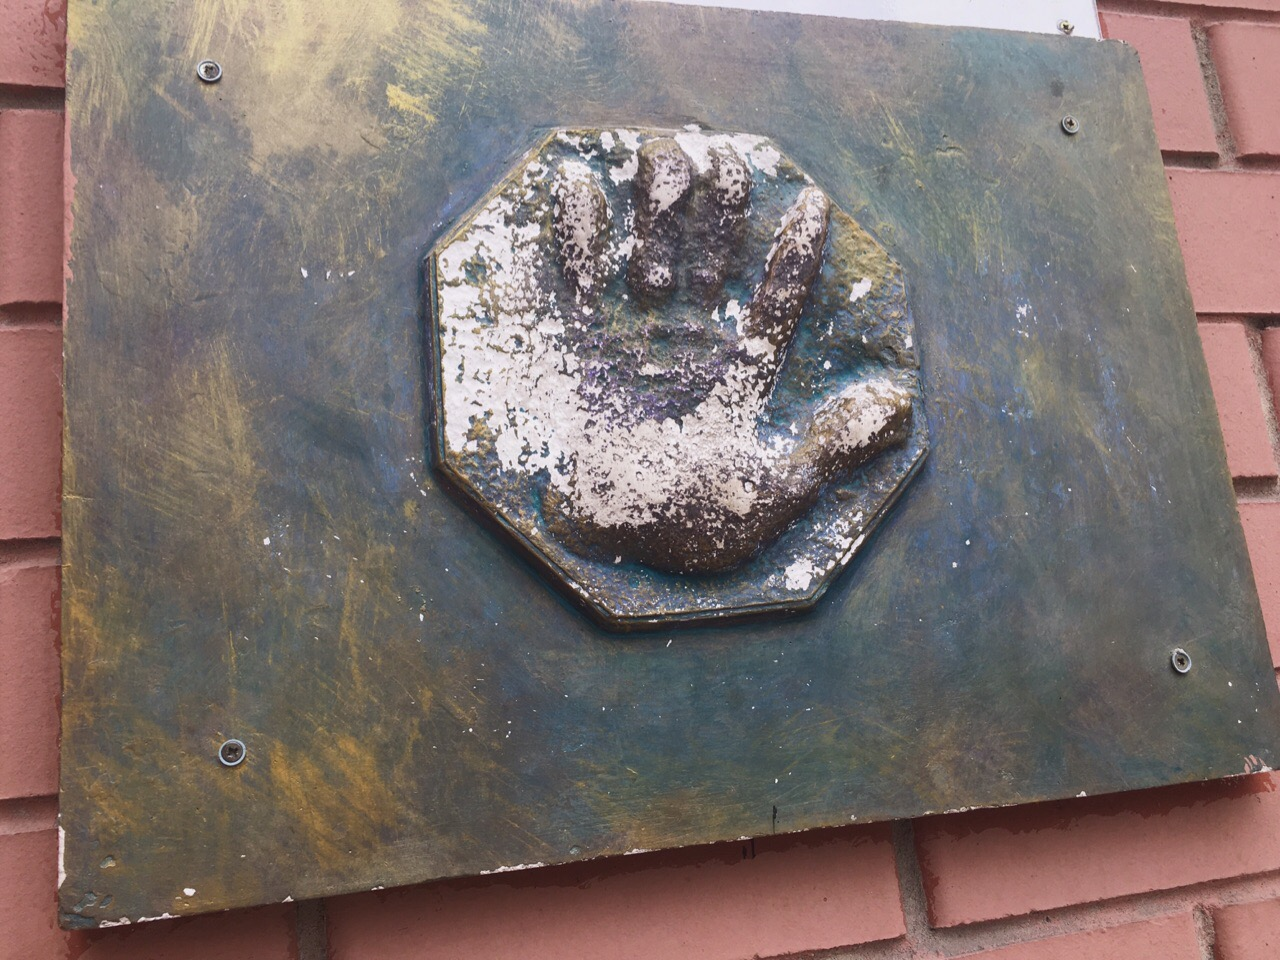 О знаменитой части тела основателя Липецка  — Изображение 1